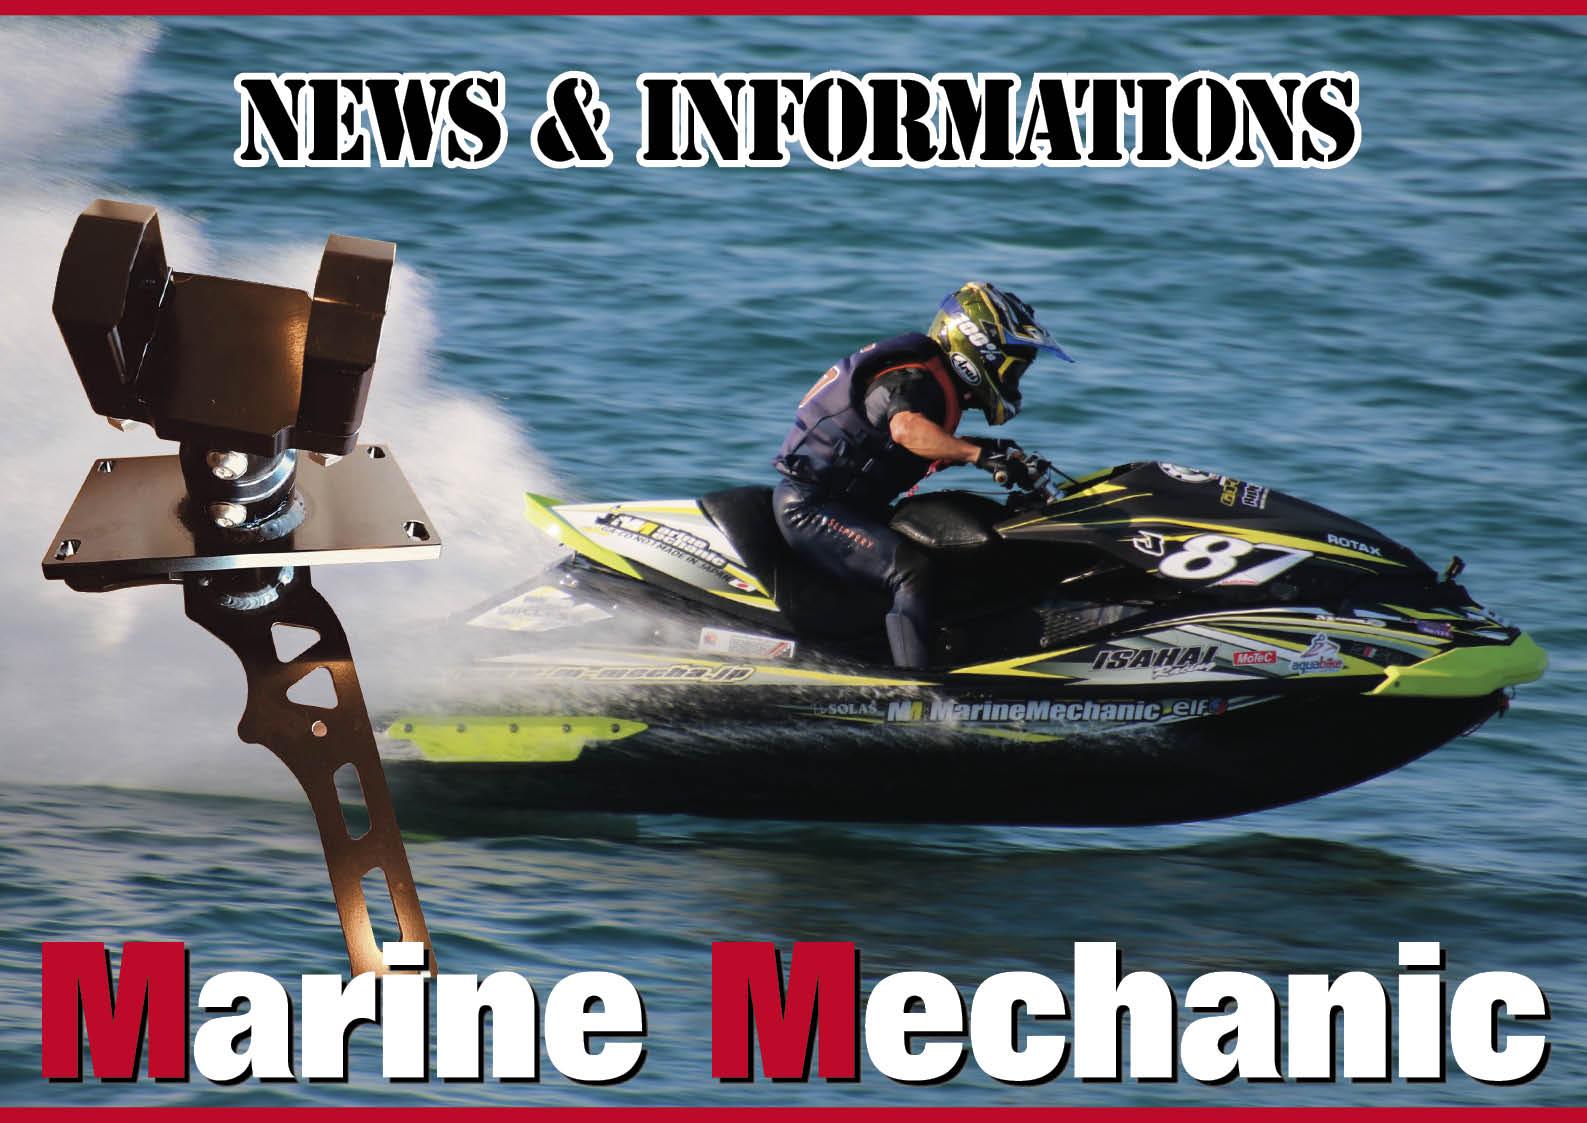 【新製品】マリンメカニックより SEA-DOO 「RXP-X 300用 ハンドルマウントシステム」発売 ジェットスキー(水上バイク)